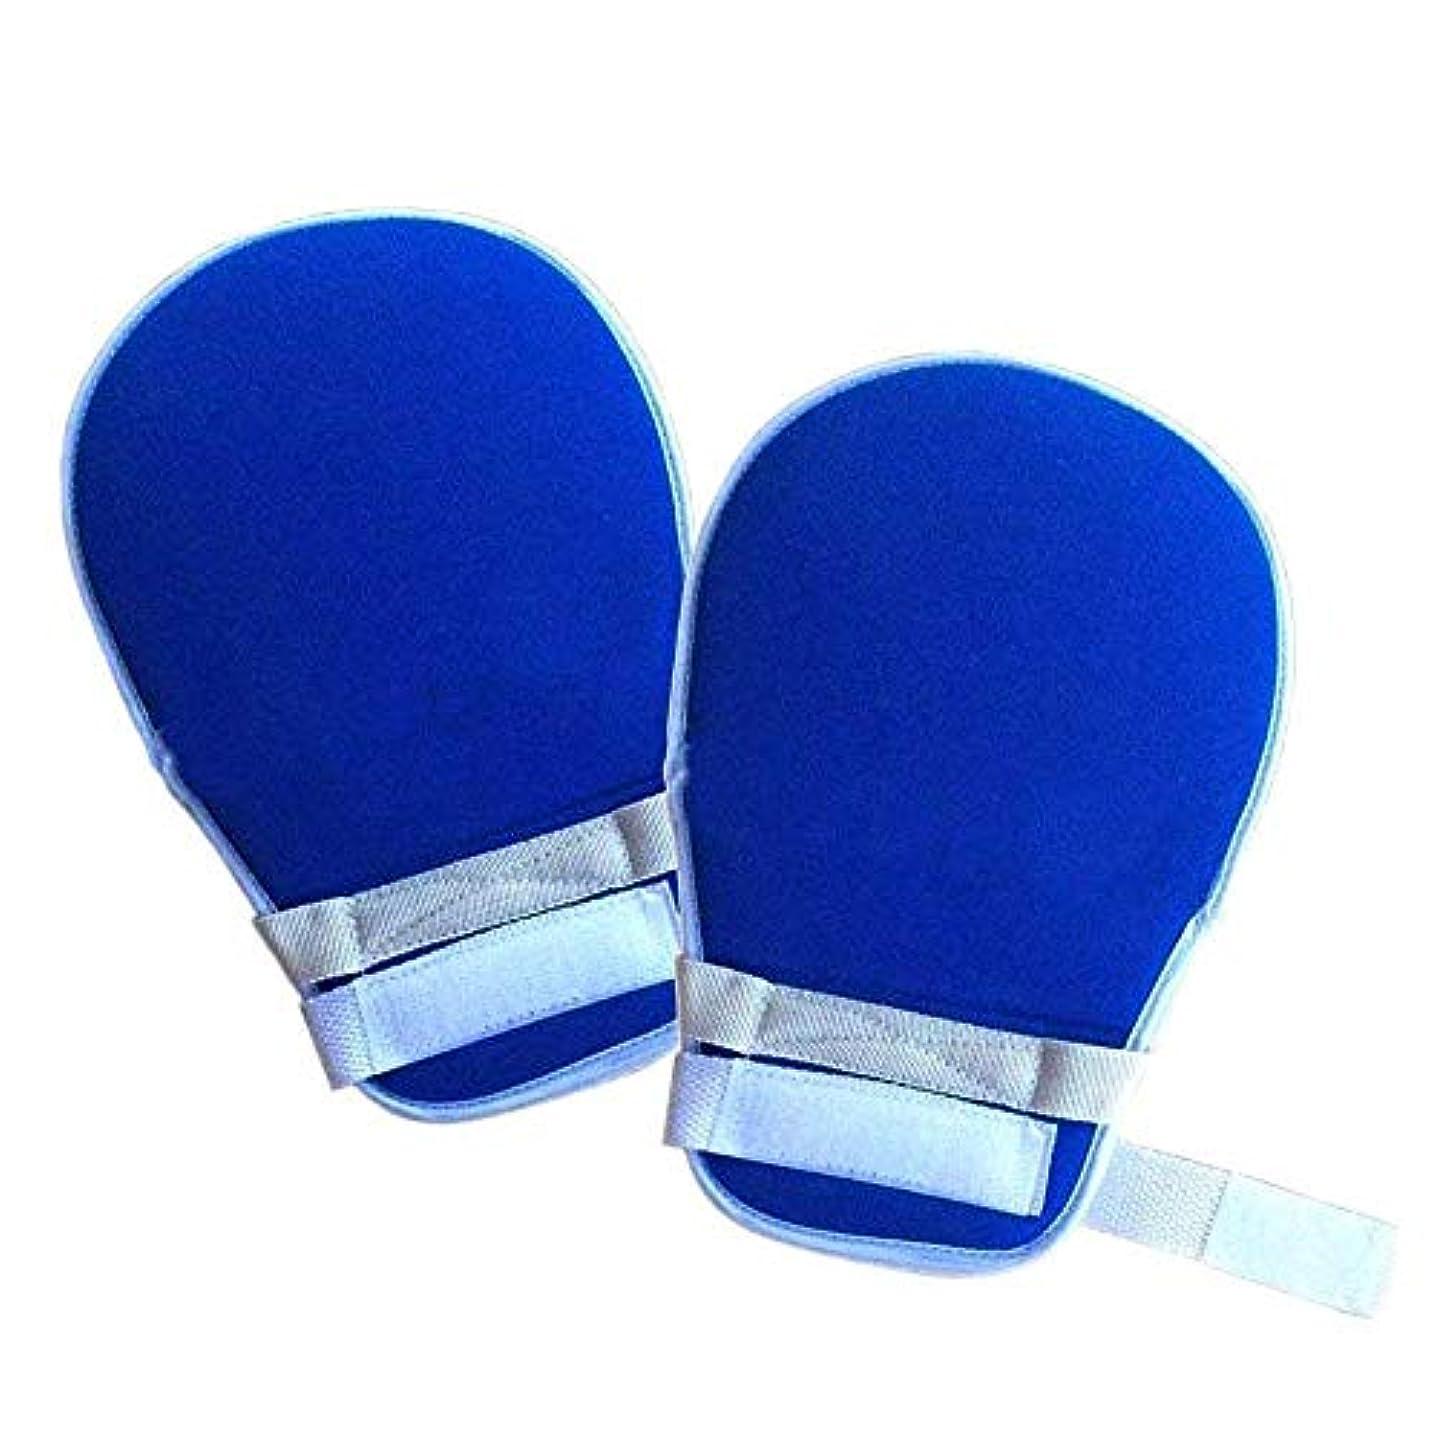 後継嫌がるたまにコントロールミット - 手の保護手袋が自傷を防止 - 高齢者認知症用安全拘束手袋(1ペア)